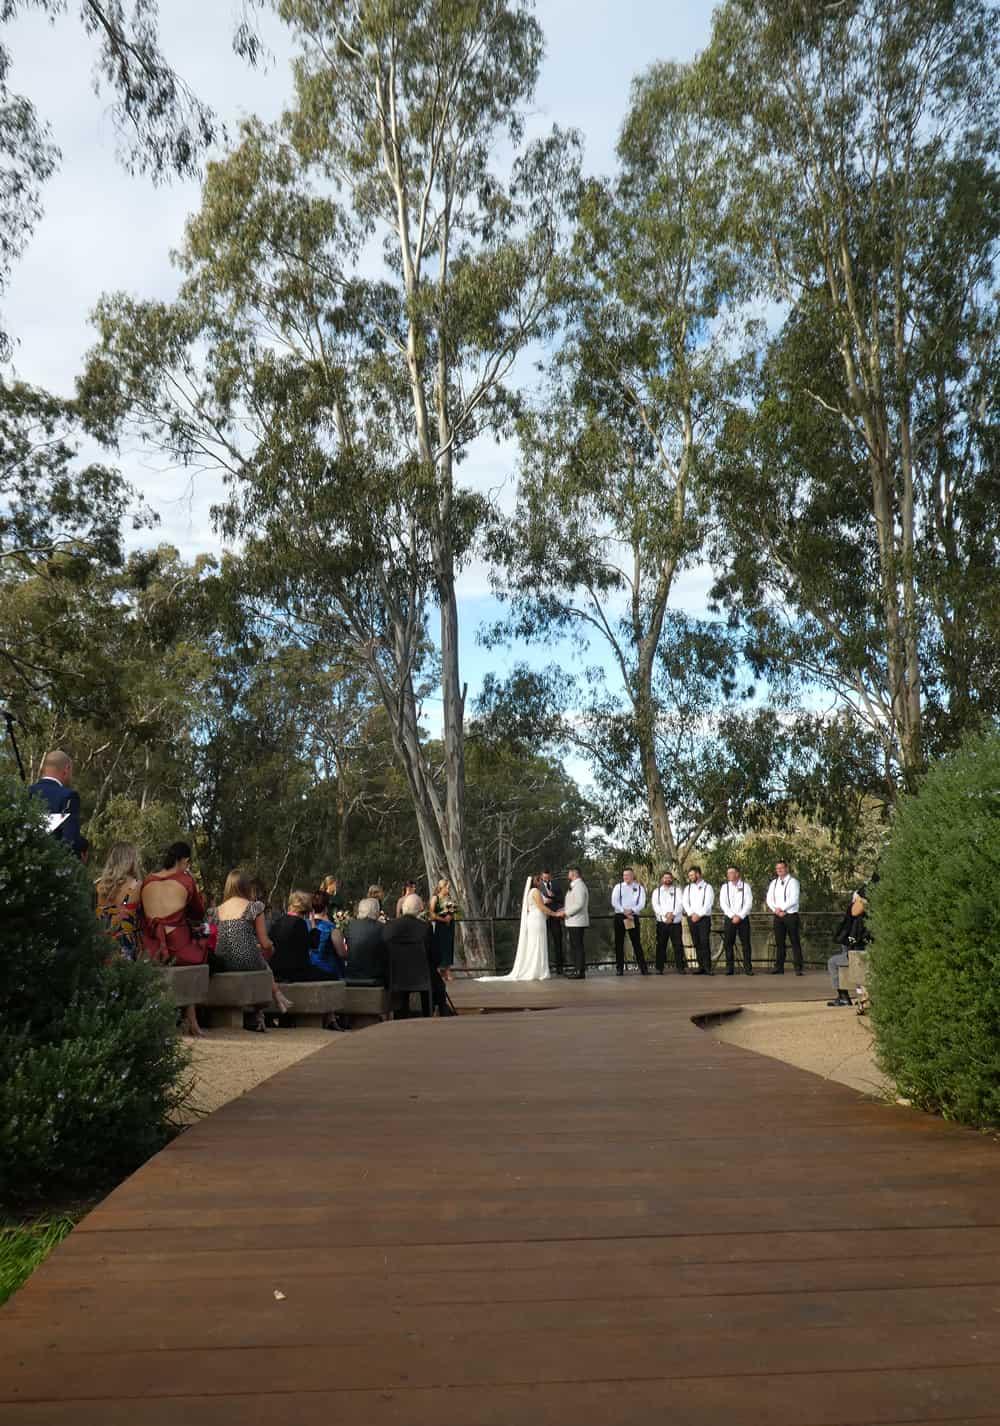 mitchelton winery wedding ceremony venue country victoria